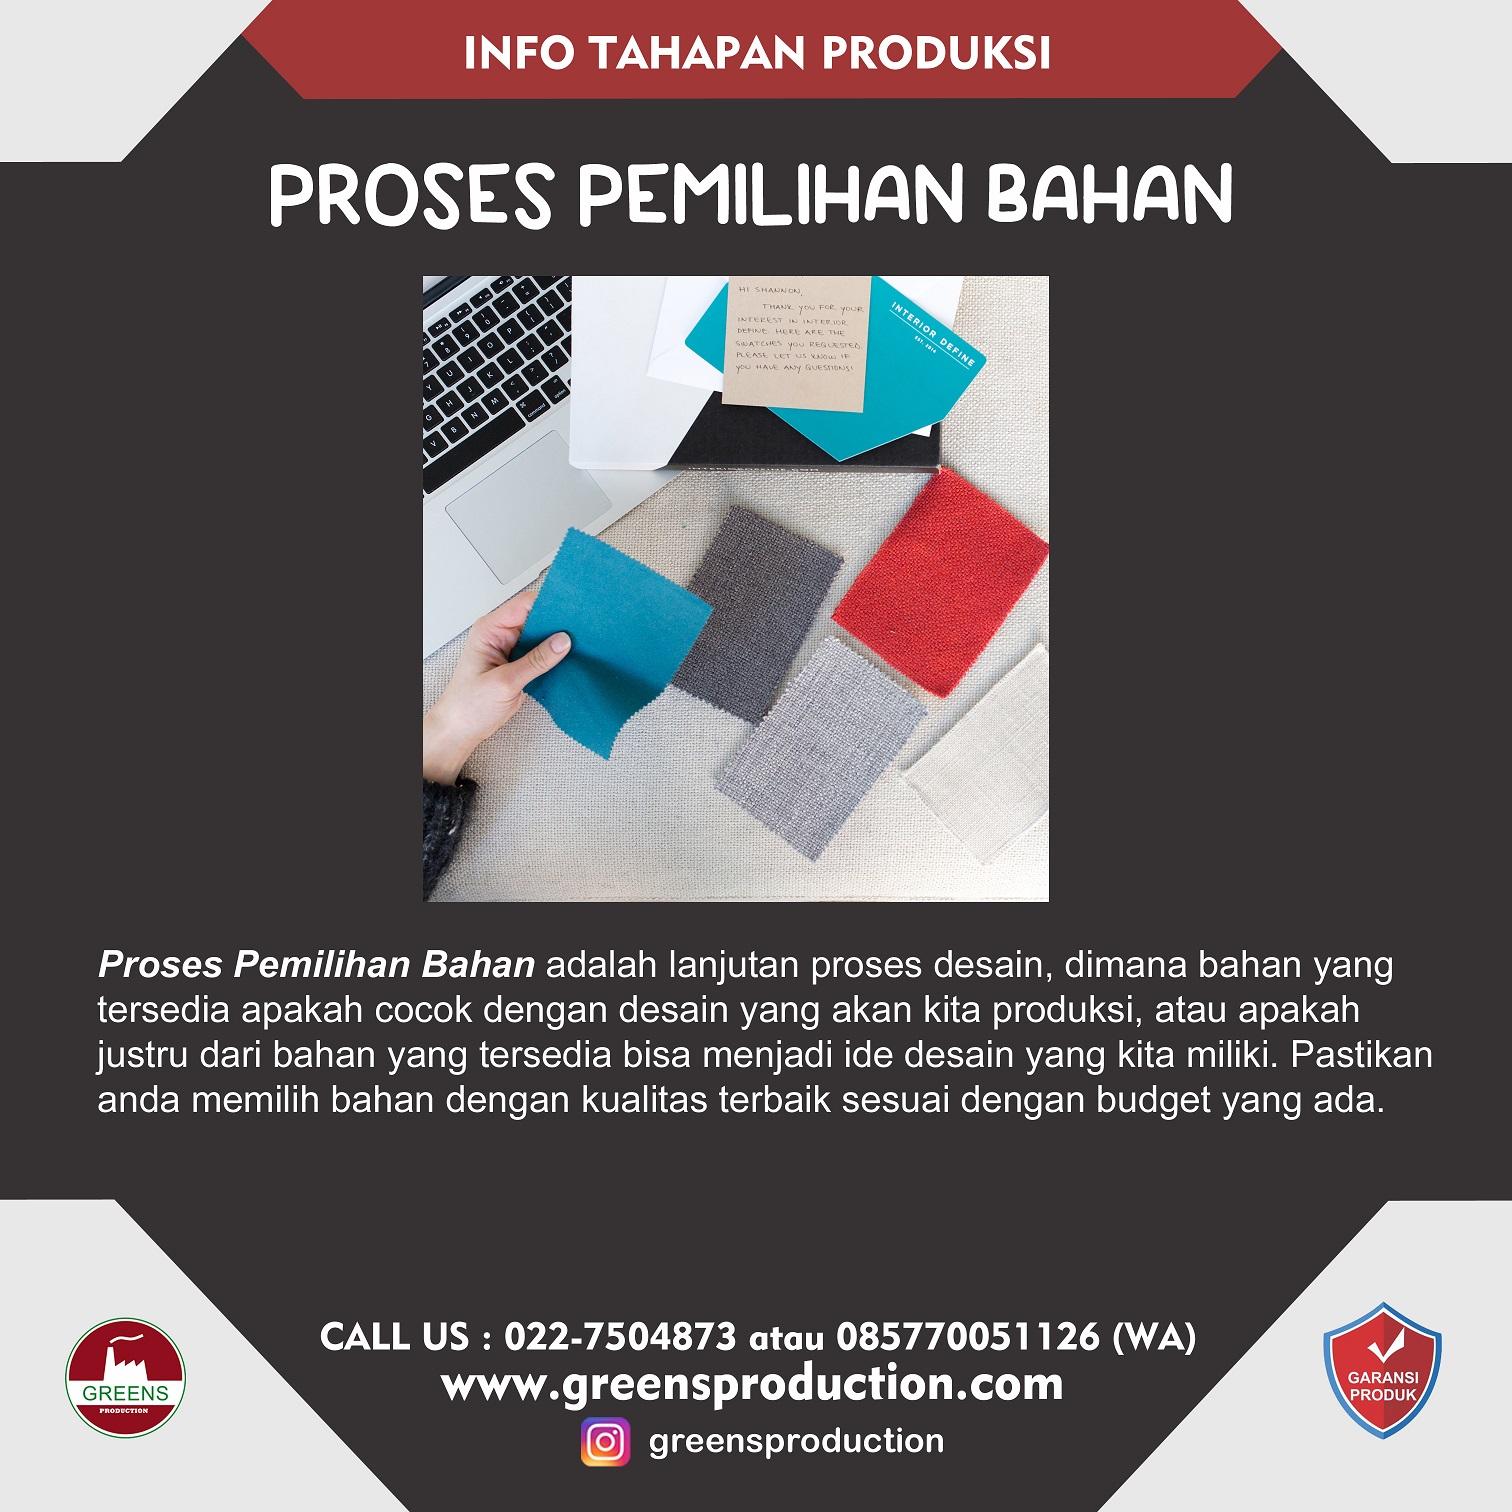 Tahapan-Pemilihan-Bahan-A1 Tahapan Produksi Baju greensproduction